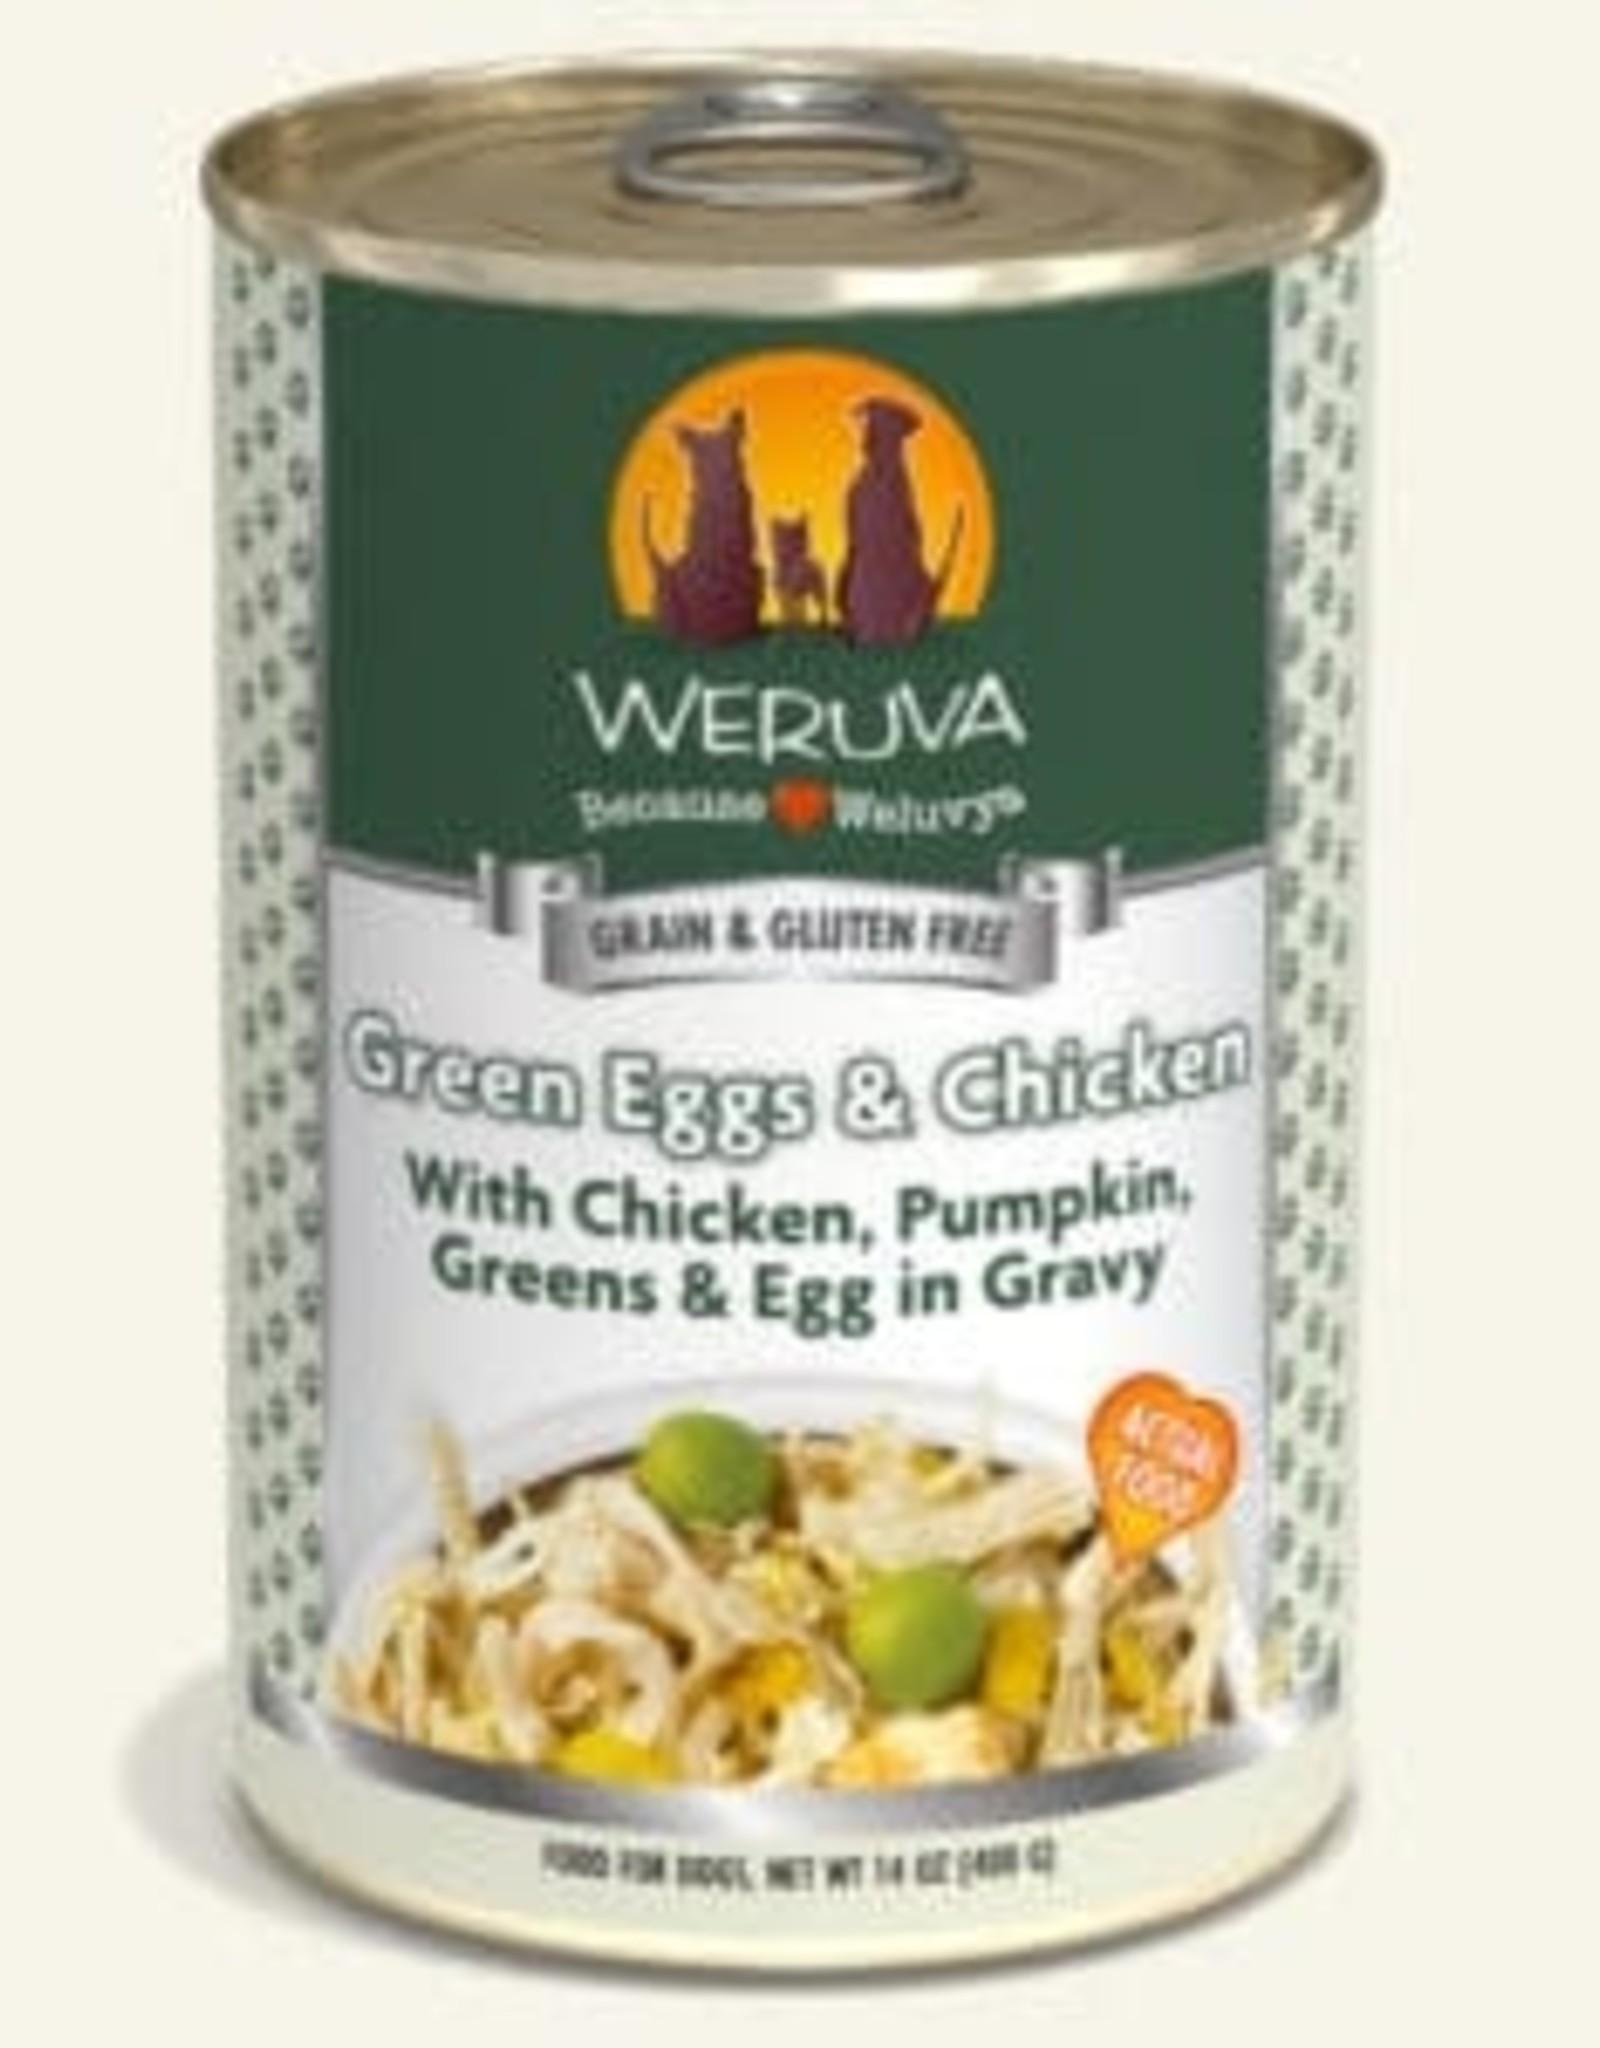 WERUVA Grain-Free Green Eggs & Chicken